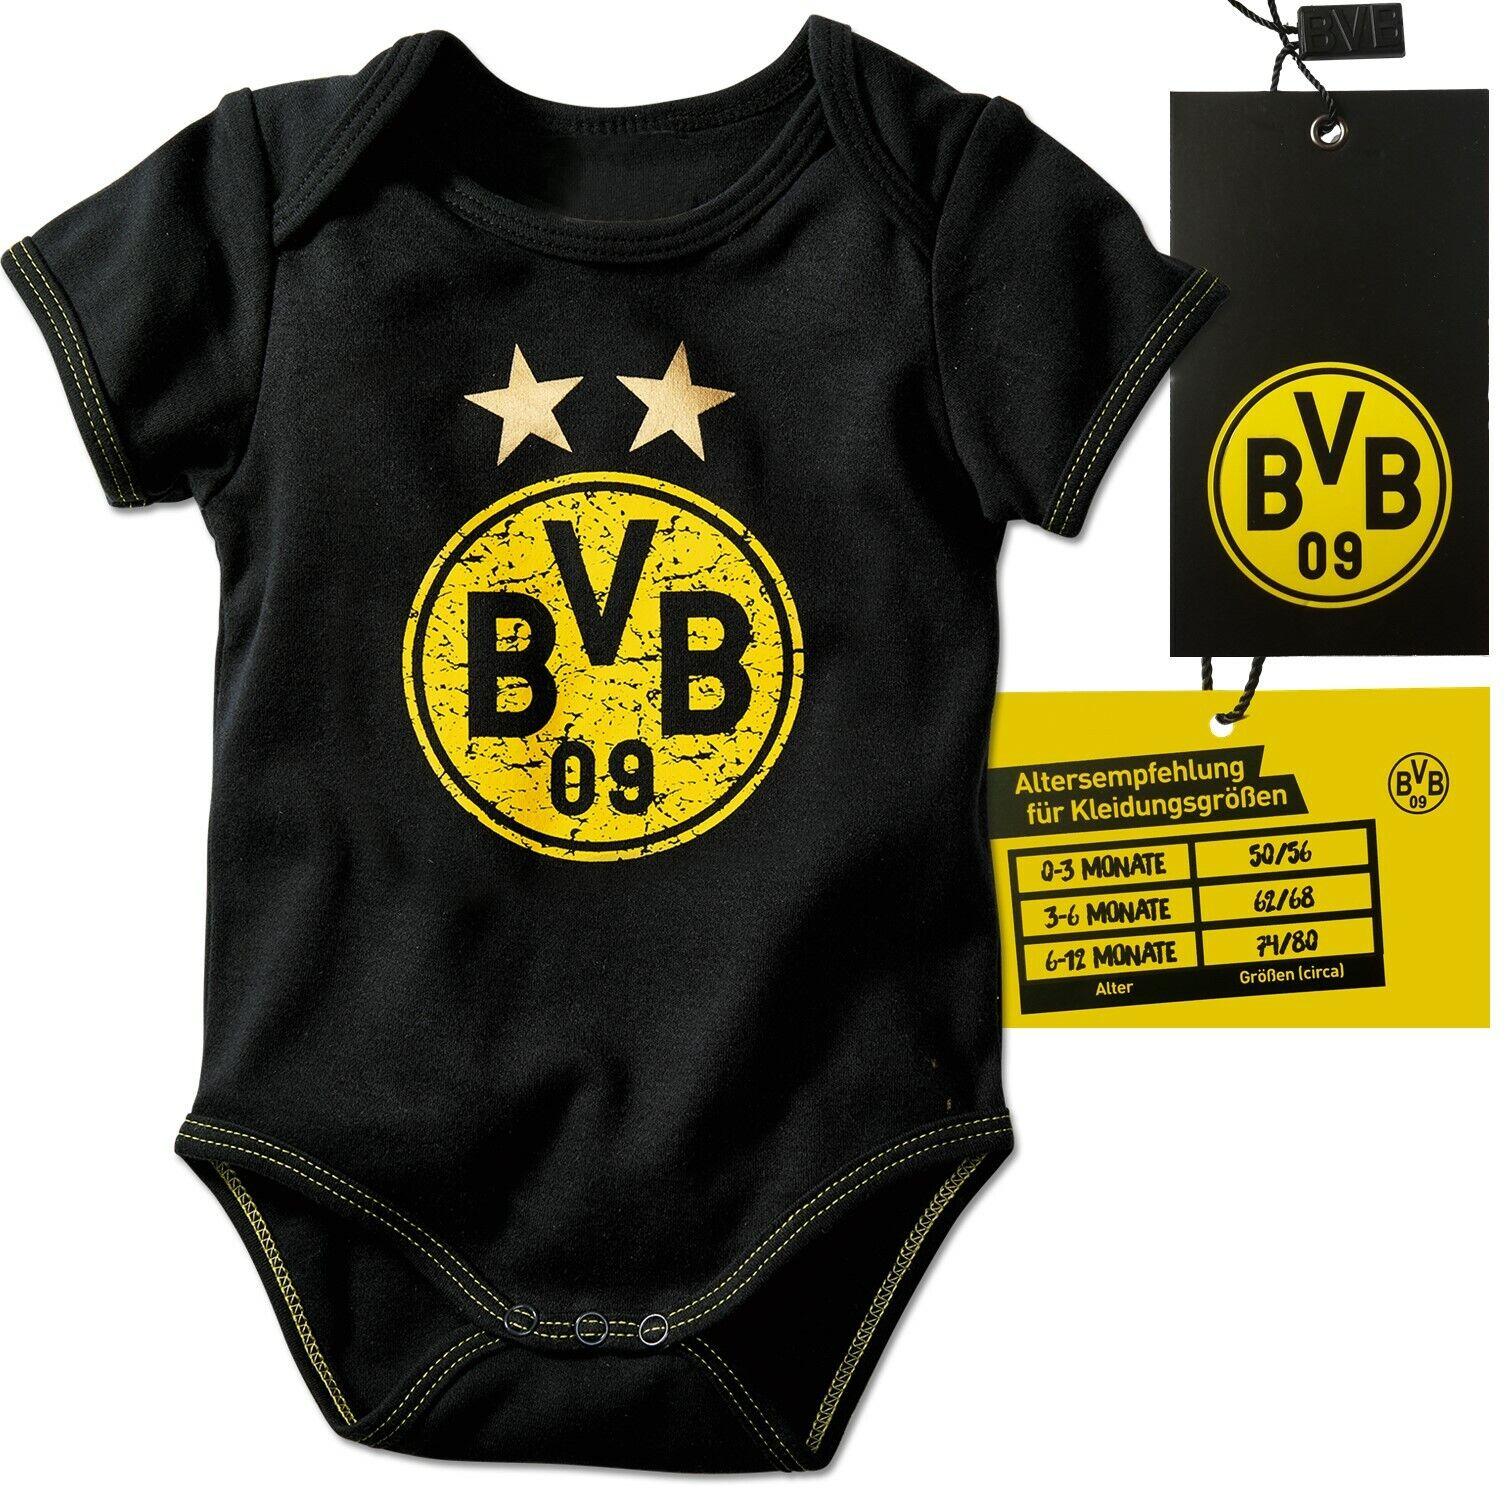 BVB Babybody Borussia Dortmund Emblem Sterne Logo Gr. 50-56 62-68 74-80 Body BVB